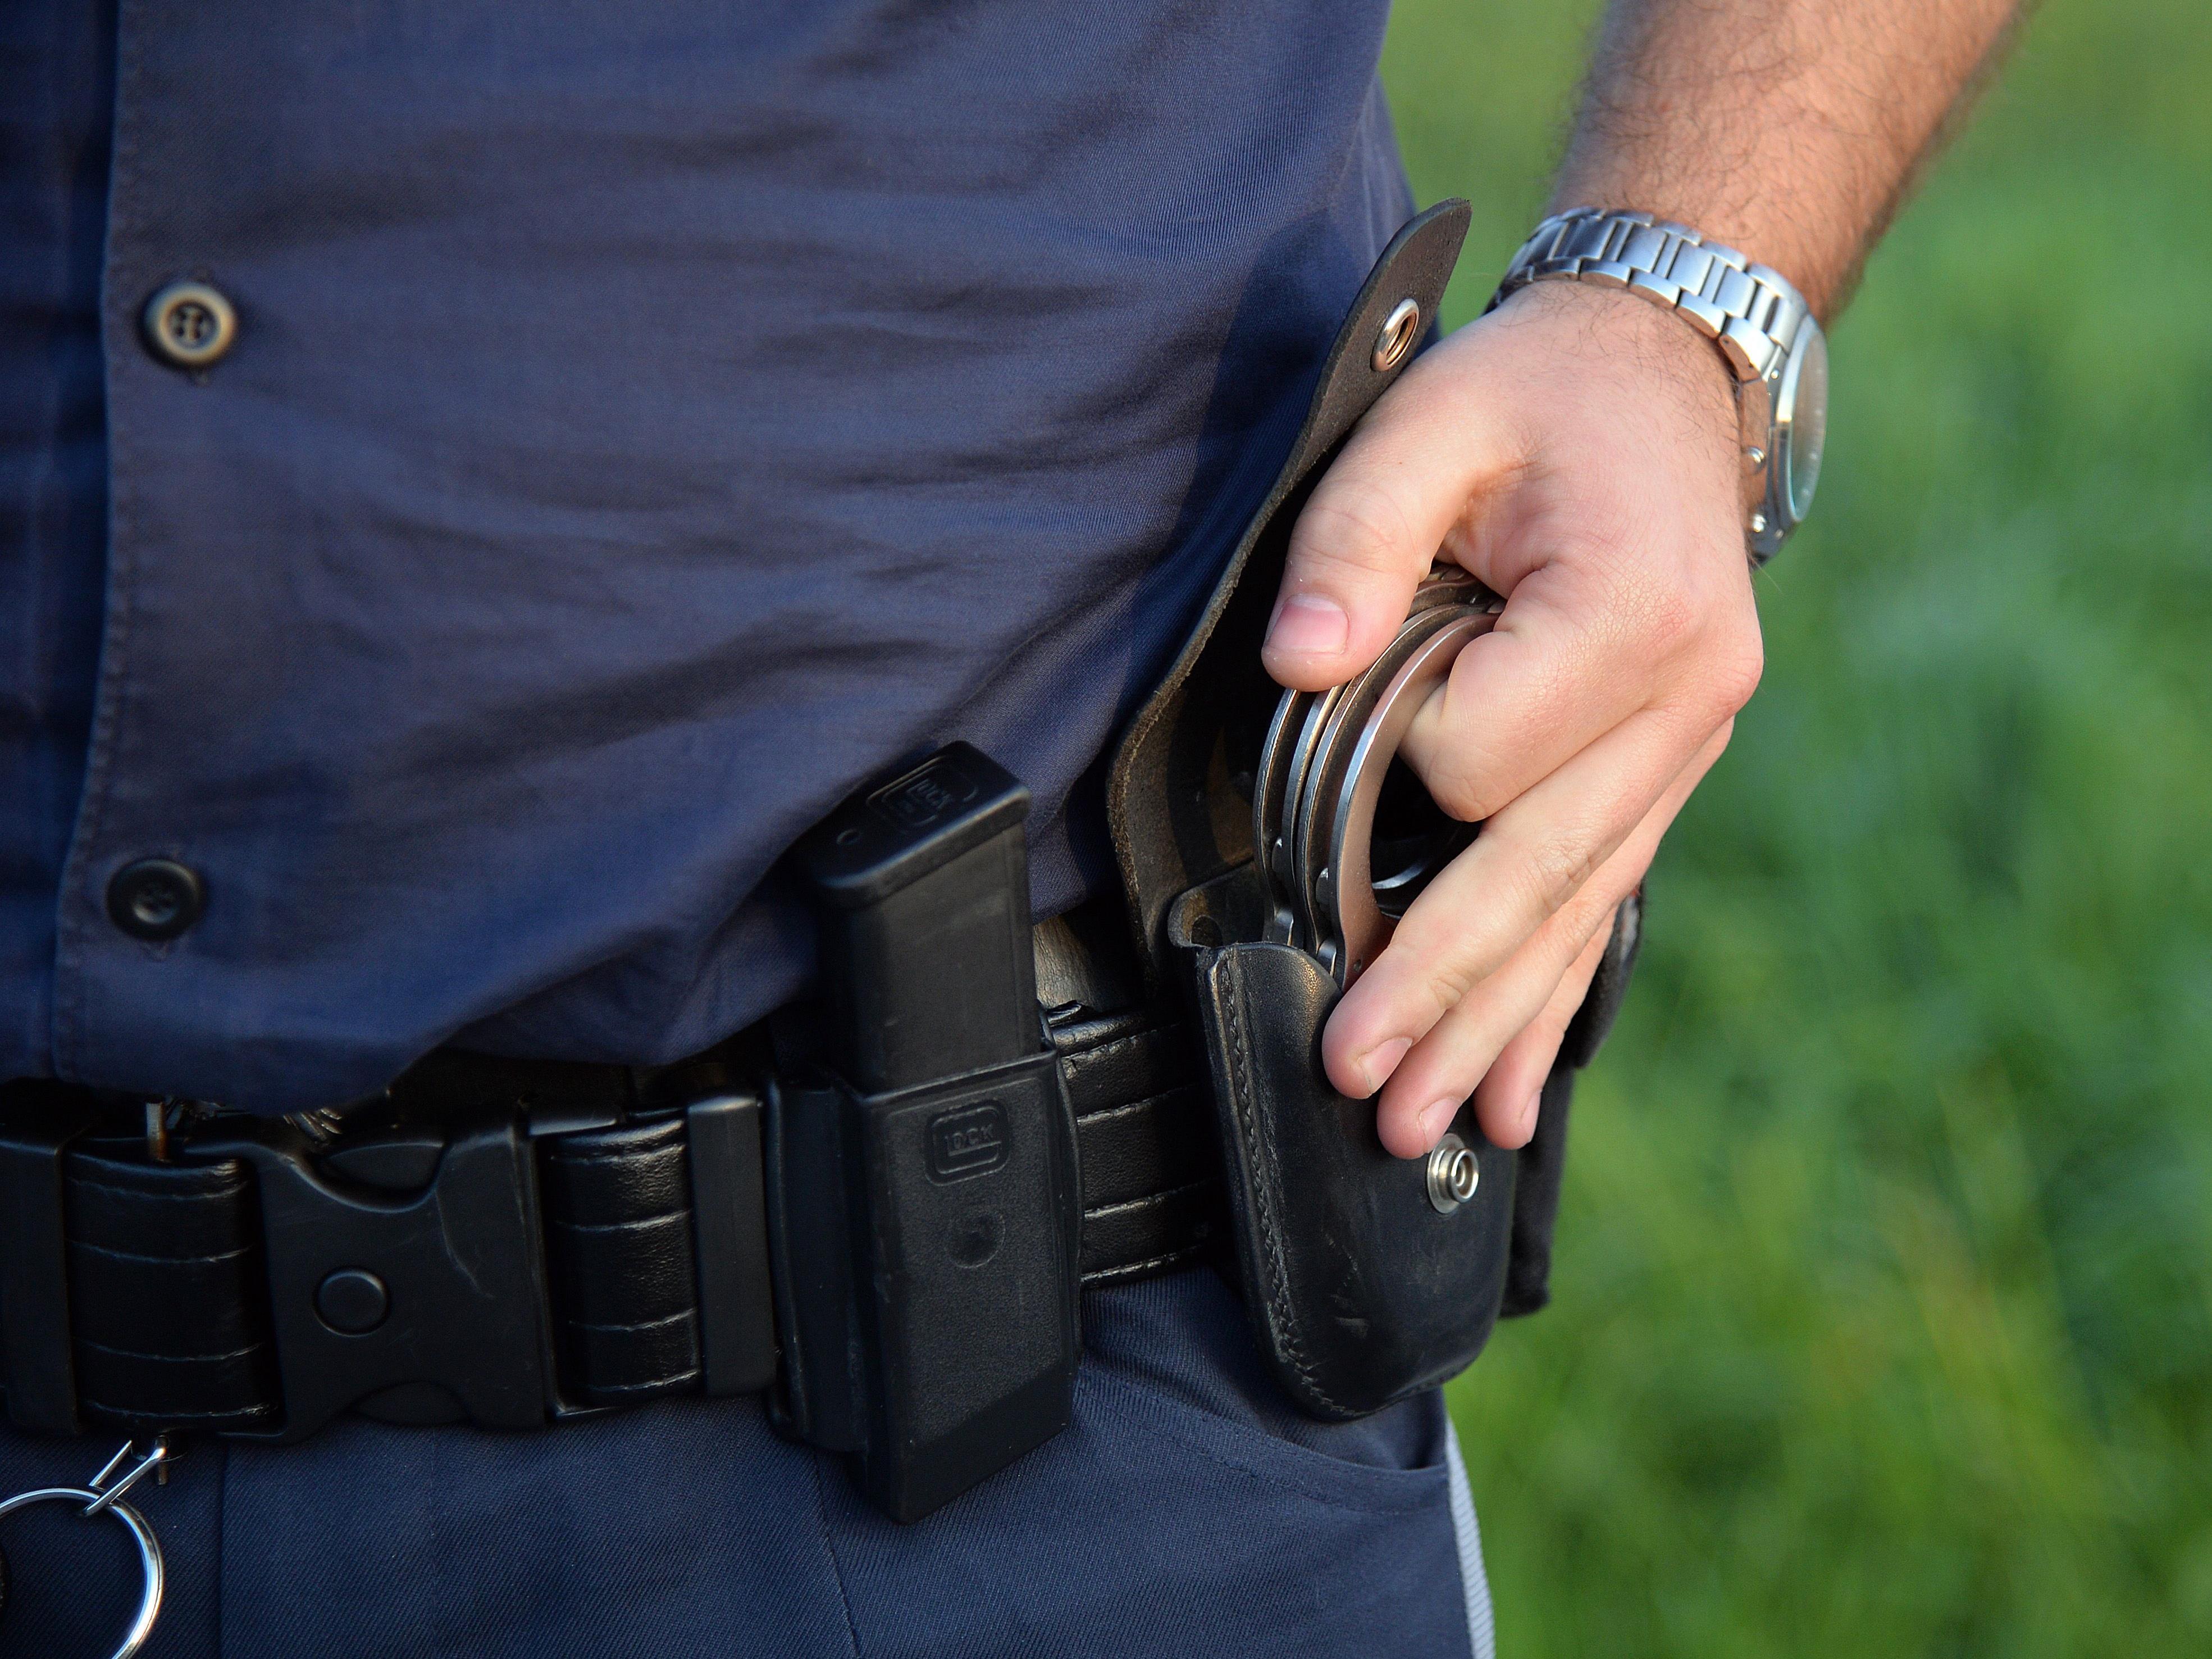 Die mutmaßliche Ladendiebin wurde festgenommen, einem weiteren Verdächtigen gelang die Flucht.